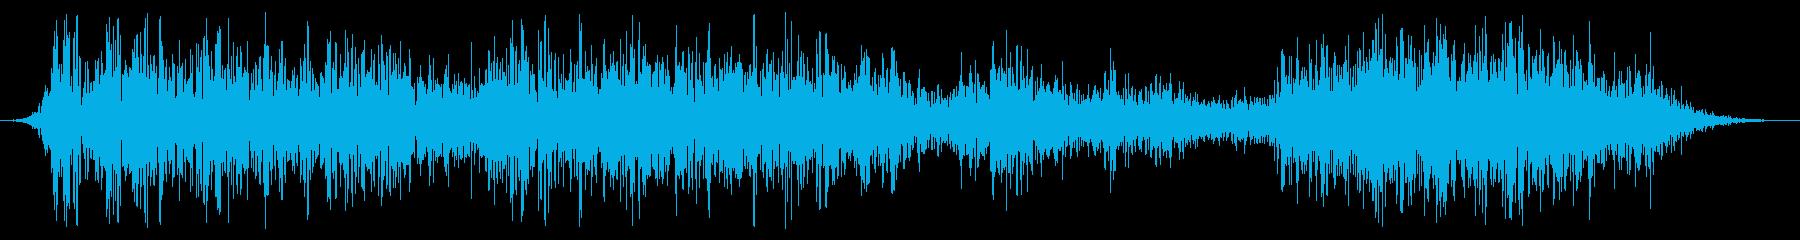 ミディアムメタルキャビネット:低い...の再生済みの波形